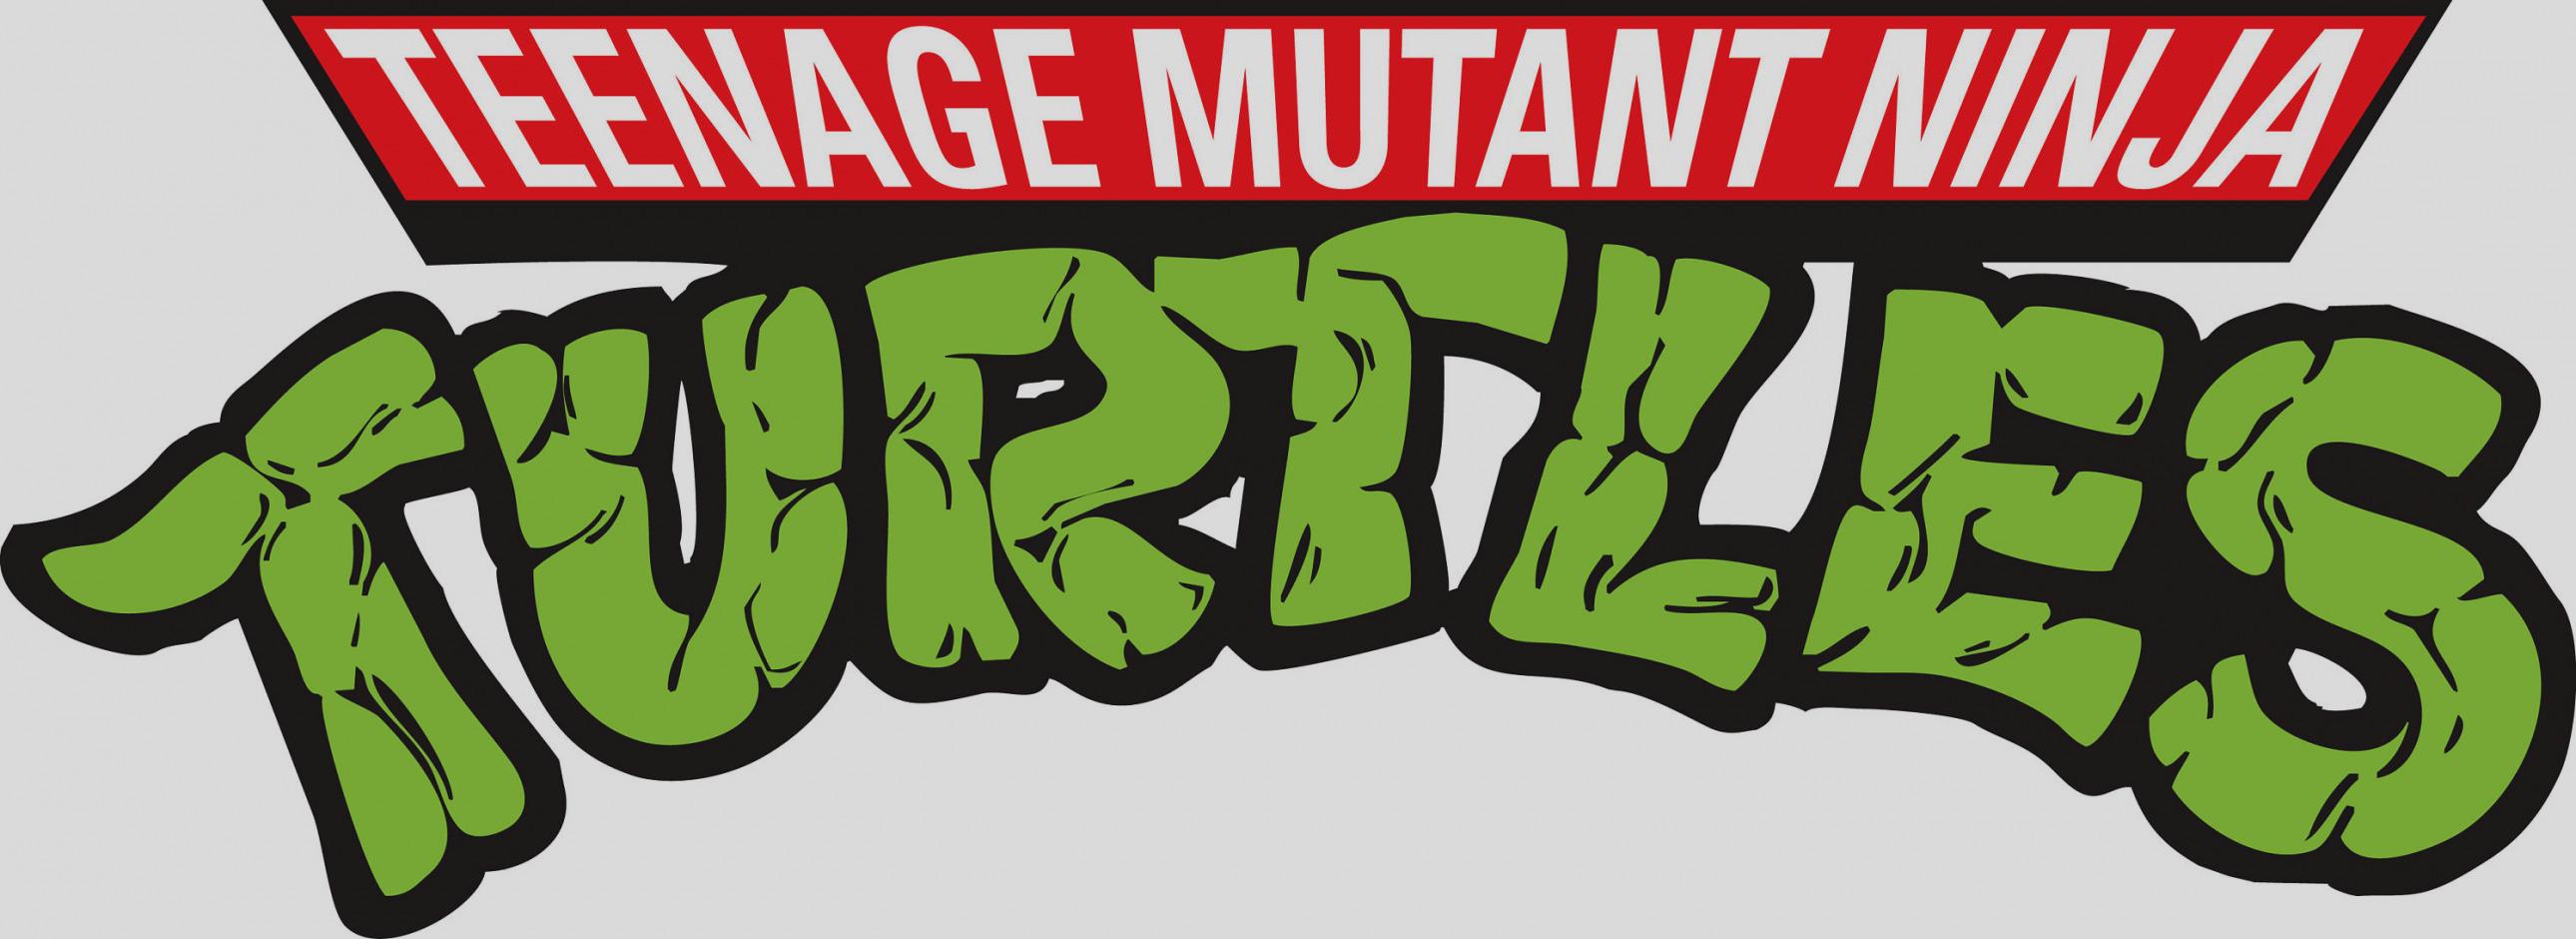 Great Of Teenage Mutant Ninja Turtles Cl-Great Of Teenage Mutant Ninja Turtles Clip Art Svg TMNT Png Jpg Eps Clipart-5